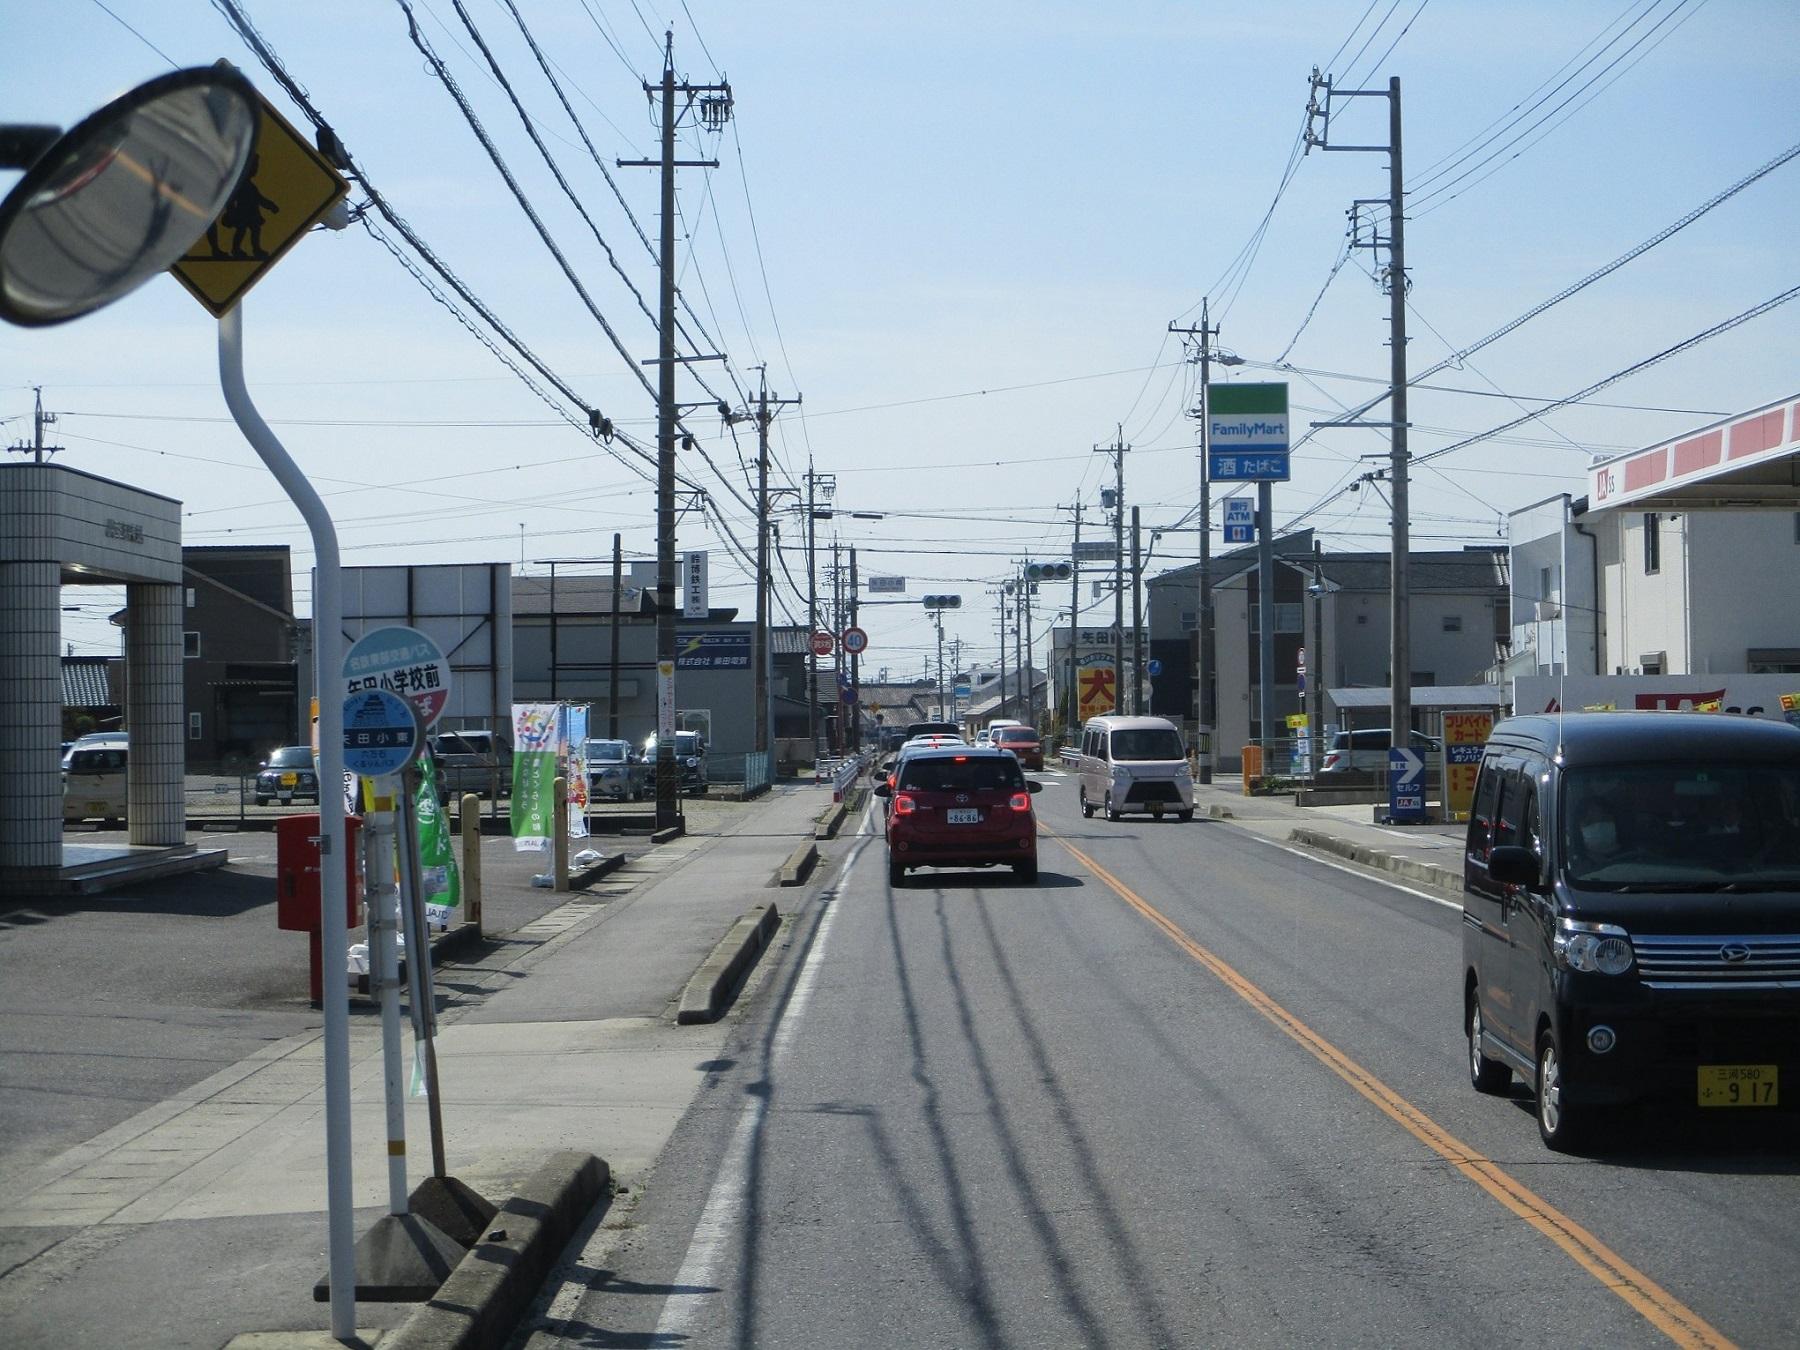 2020.3.13 (36) 寺津・刈宿循環バス - 矢田小学校前バス停 1800-1350